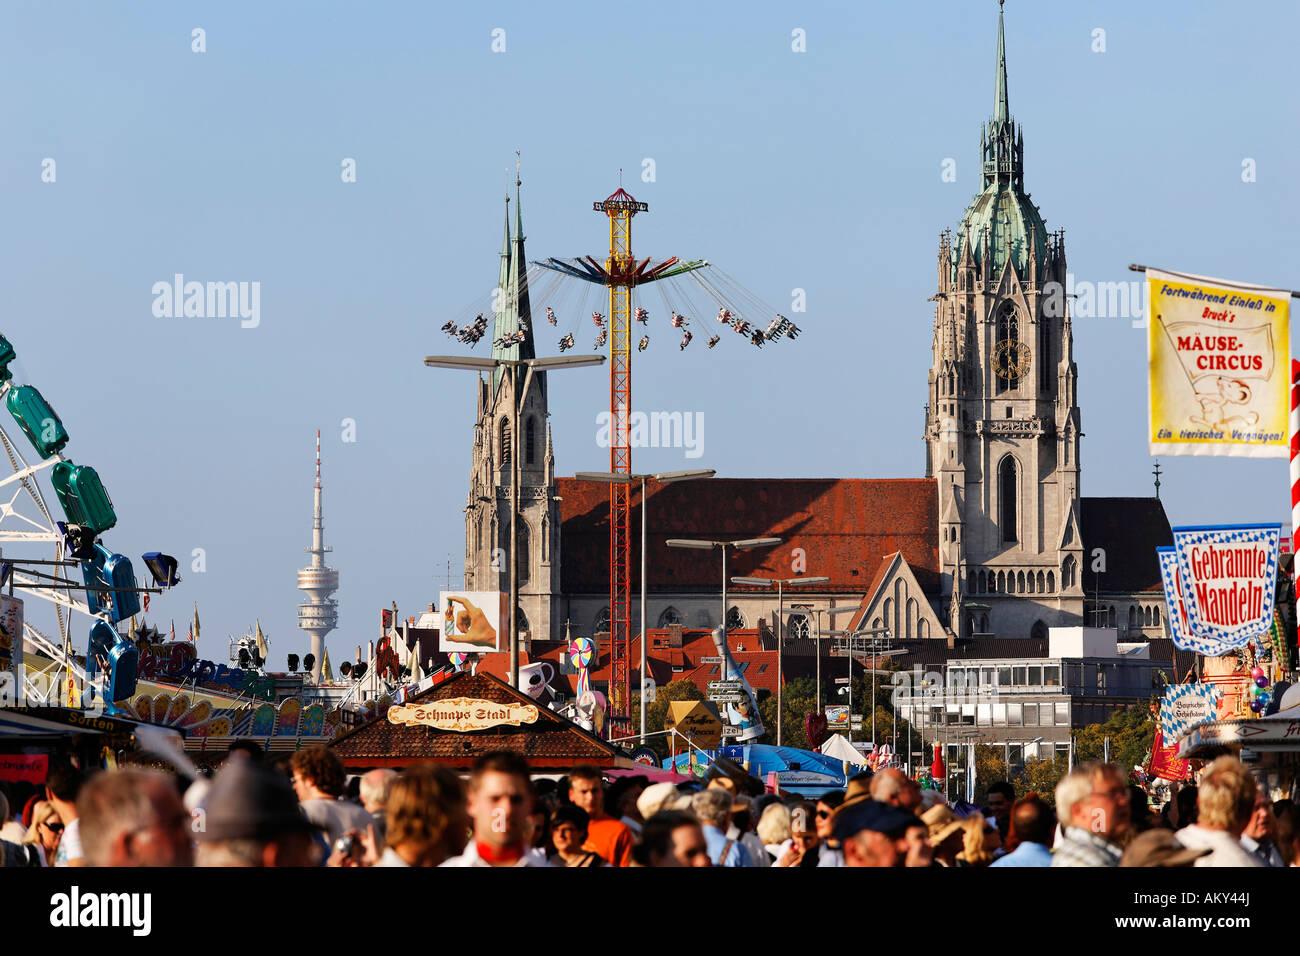 Oktoberfest Monaco festa della birra, Baviera, Germania Immagini Stock